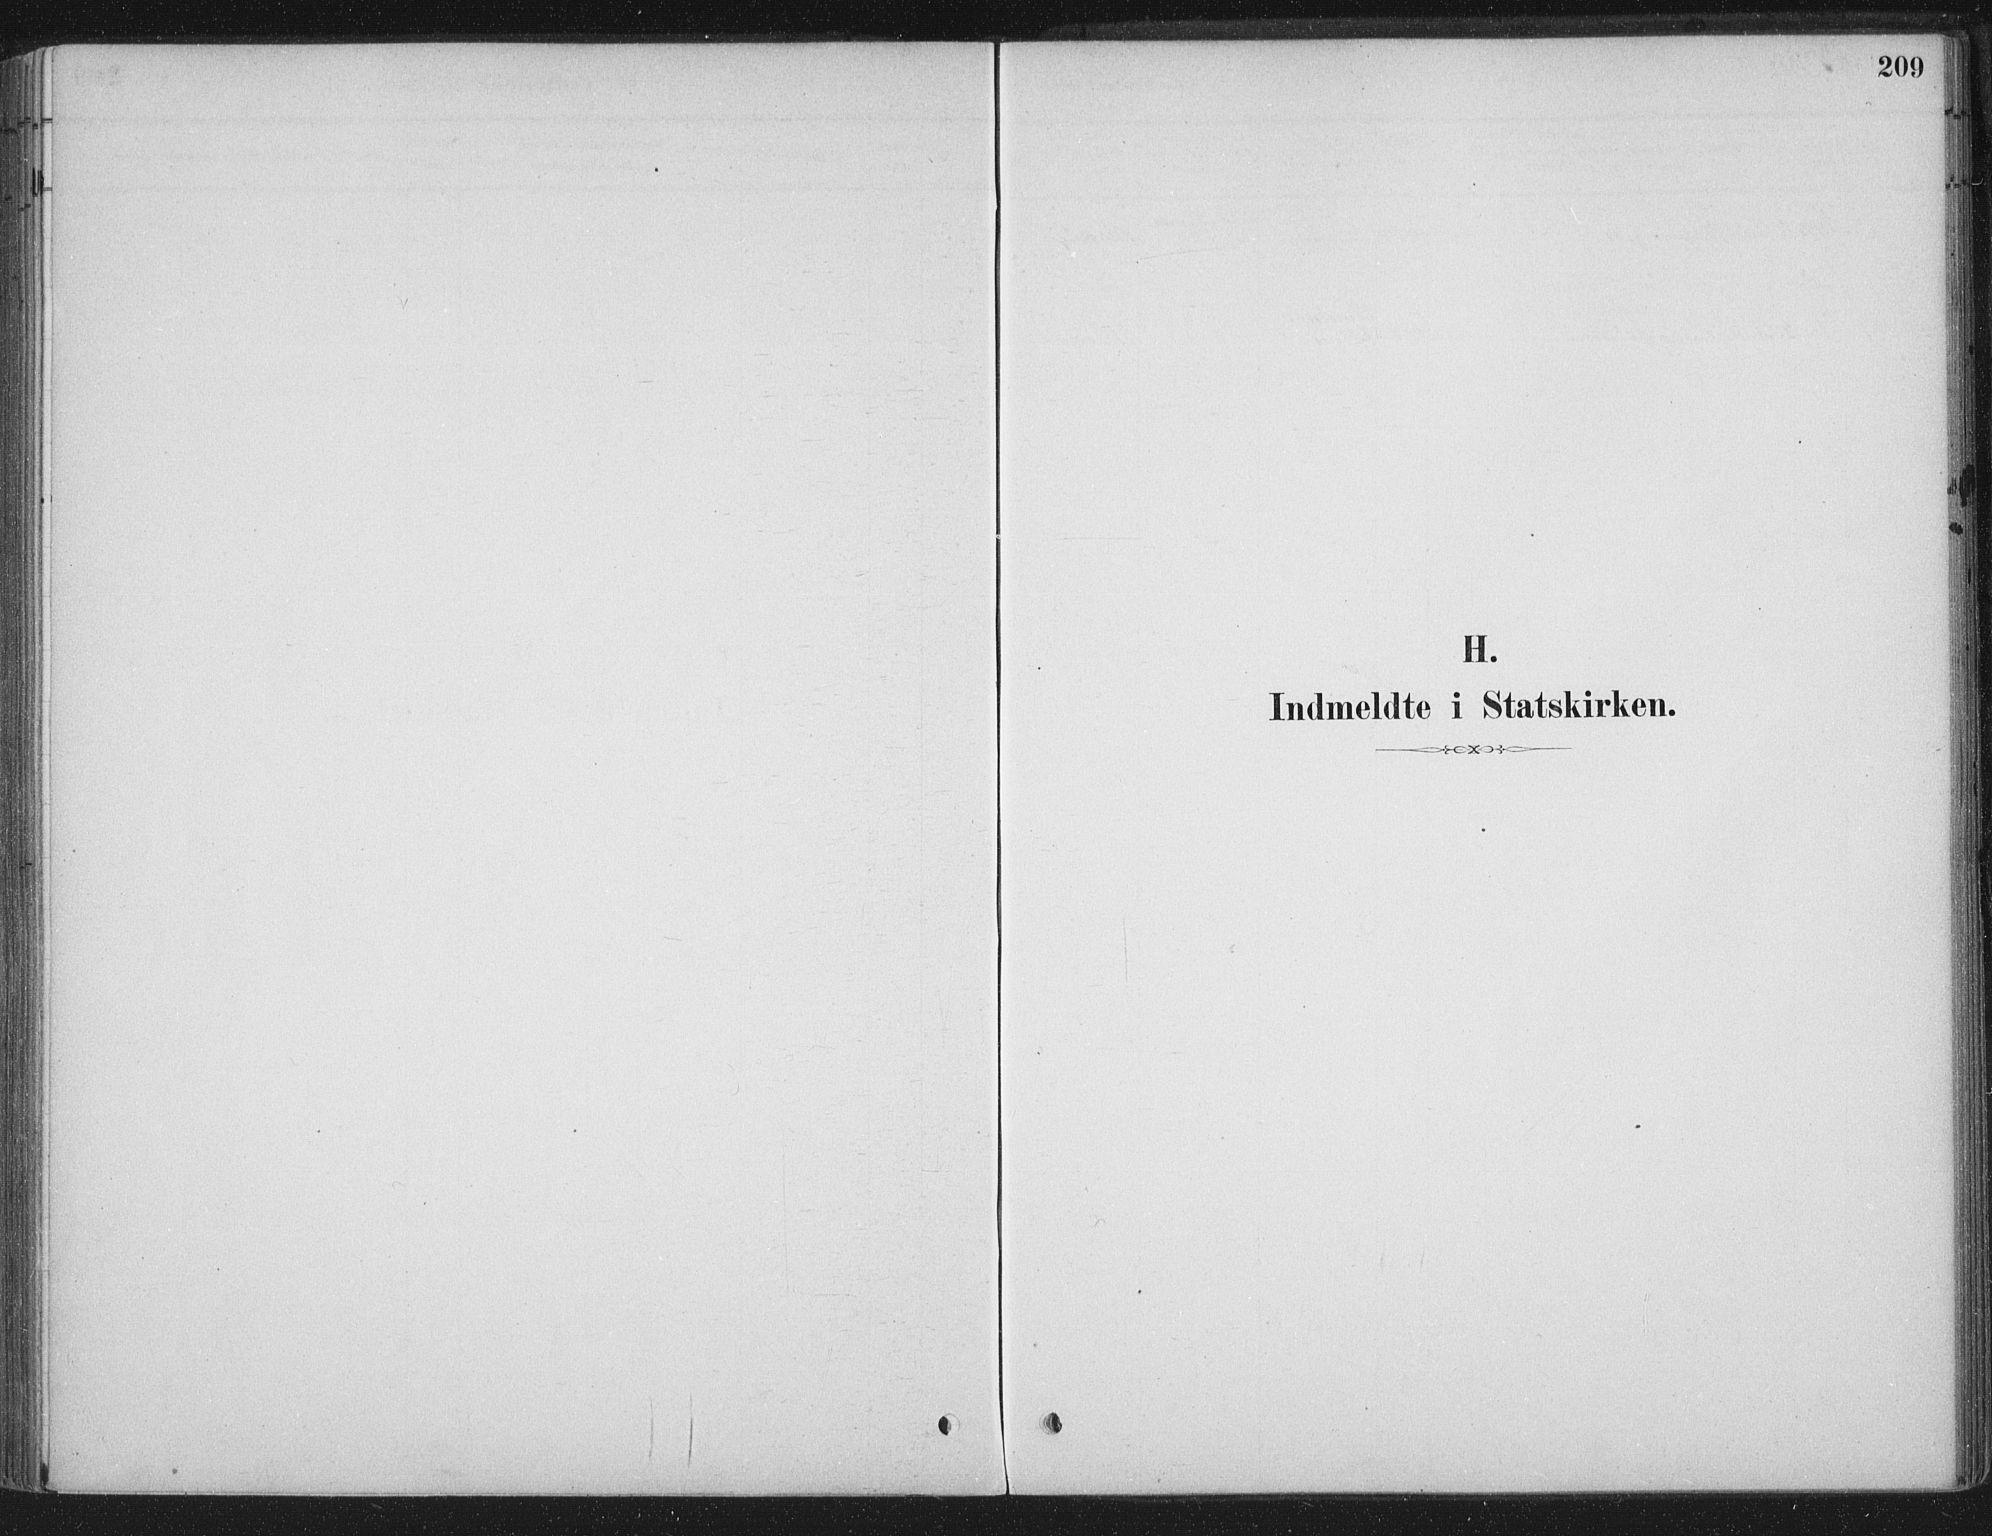 SAT, Ministerialprotokoller, klokkerbøker og fødselsregistre - Sør-Trøndelag, 662/L0755: Ministerialbok nr. 662A01, 1879-1905, s. 209